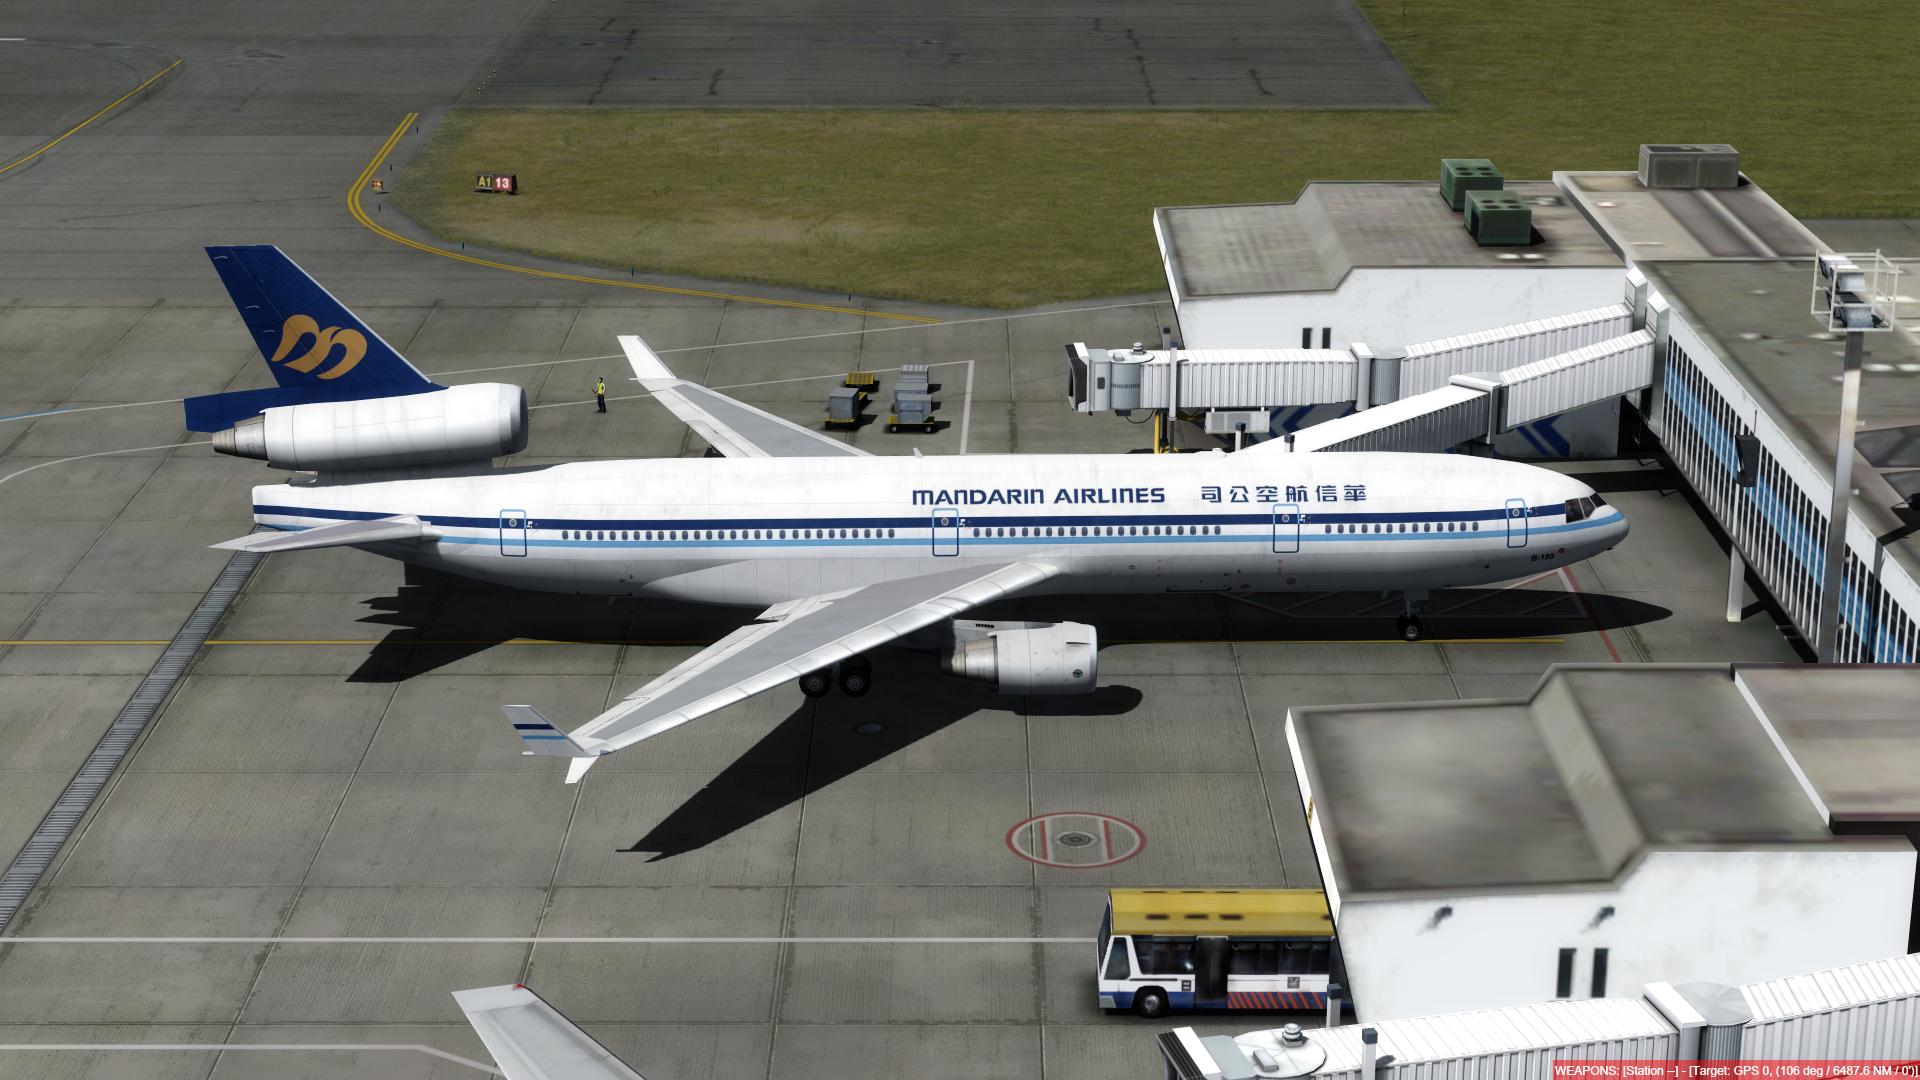 aeroporto - O dia a dia em Hong Kong Kai Tak - O aeroporto mais emocionante do mundo! P3D V4.4 - Só trafego AI. Captura-de-Tela-234